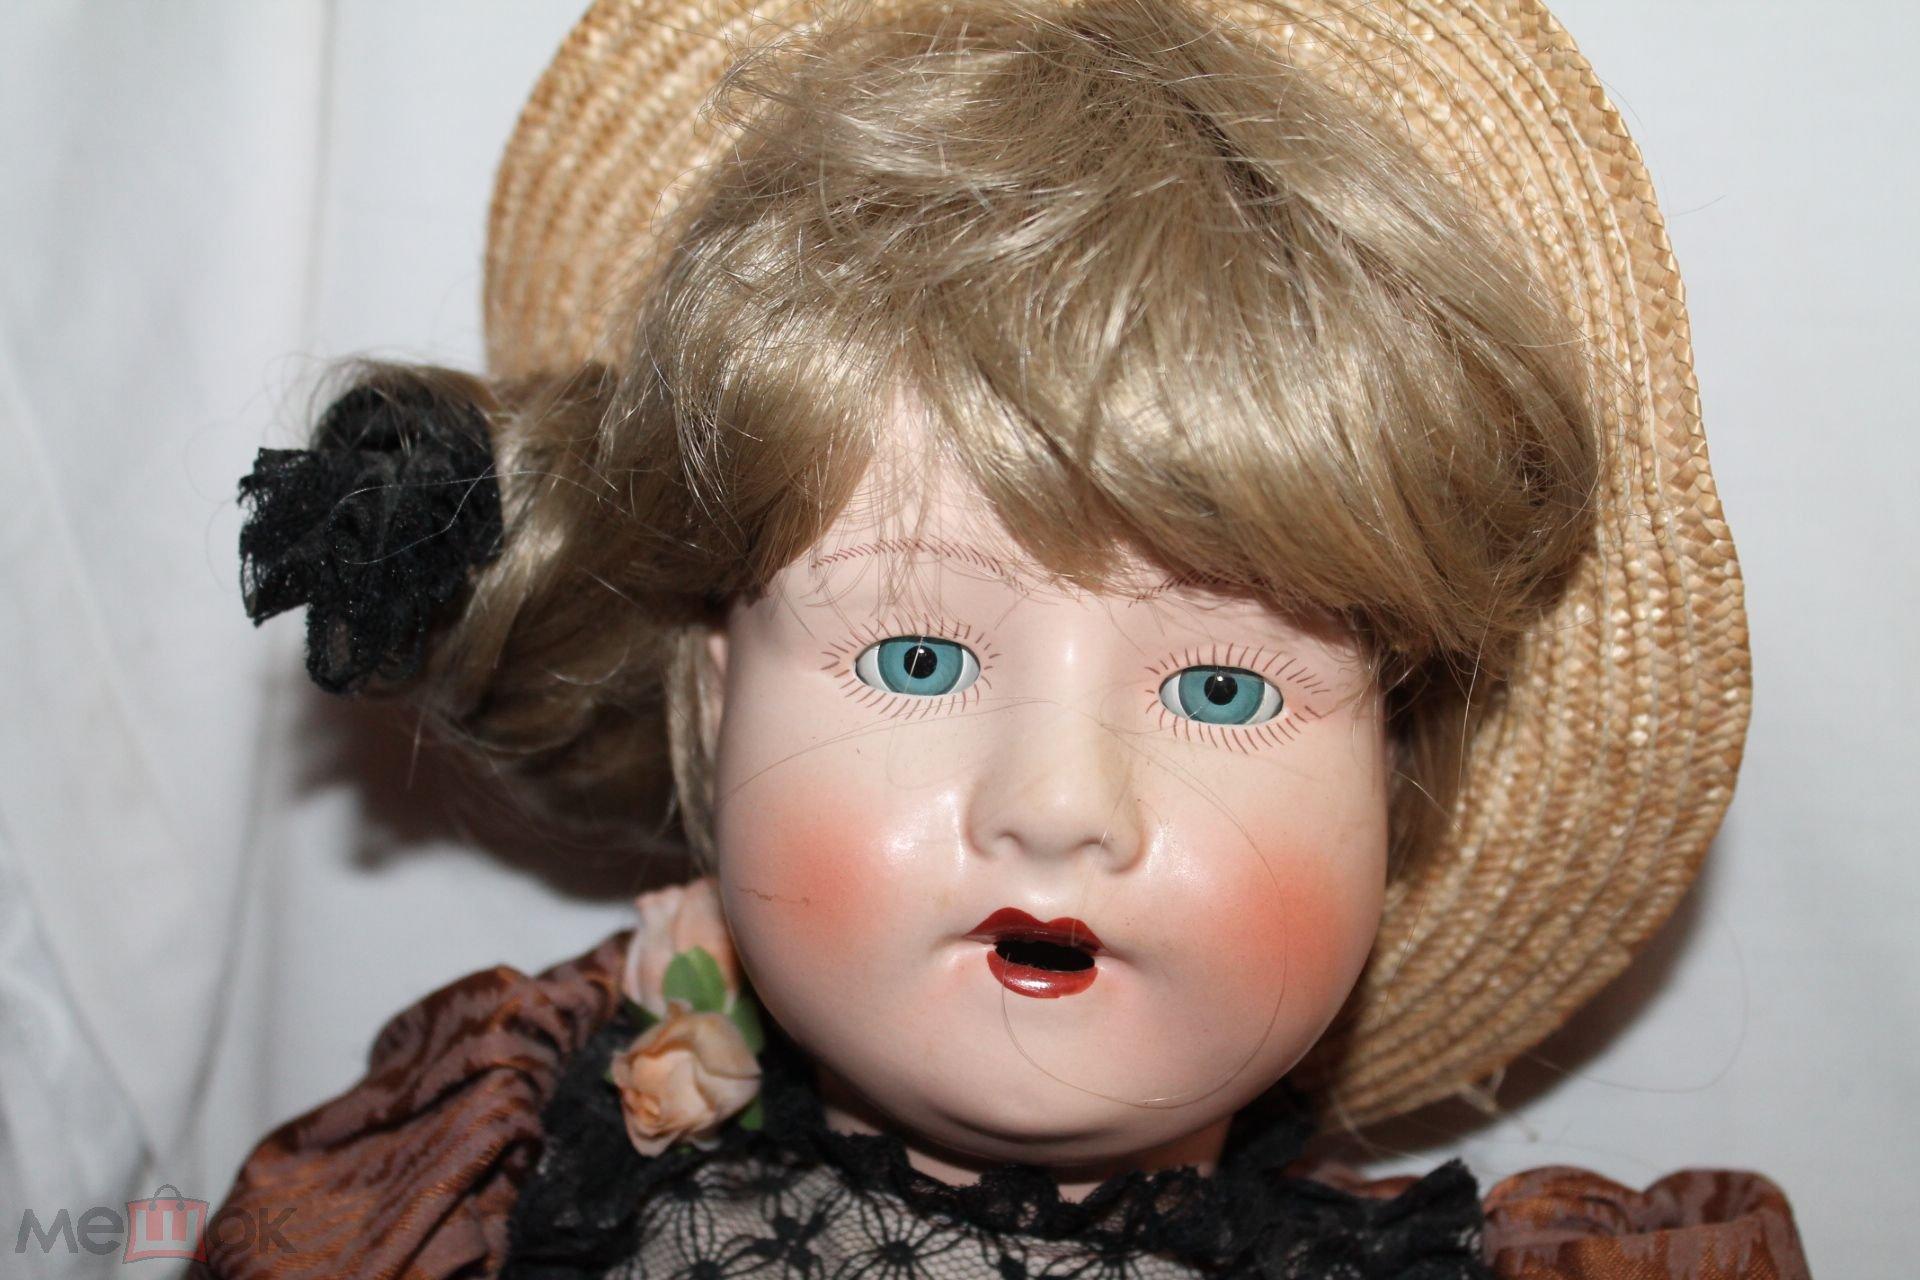 Коллекционная винтажная  фарфоровая! немецкая кукла GOTZ в оригинальной одежде